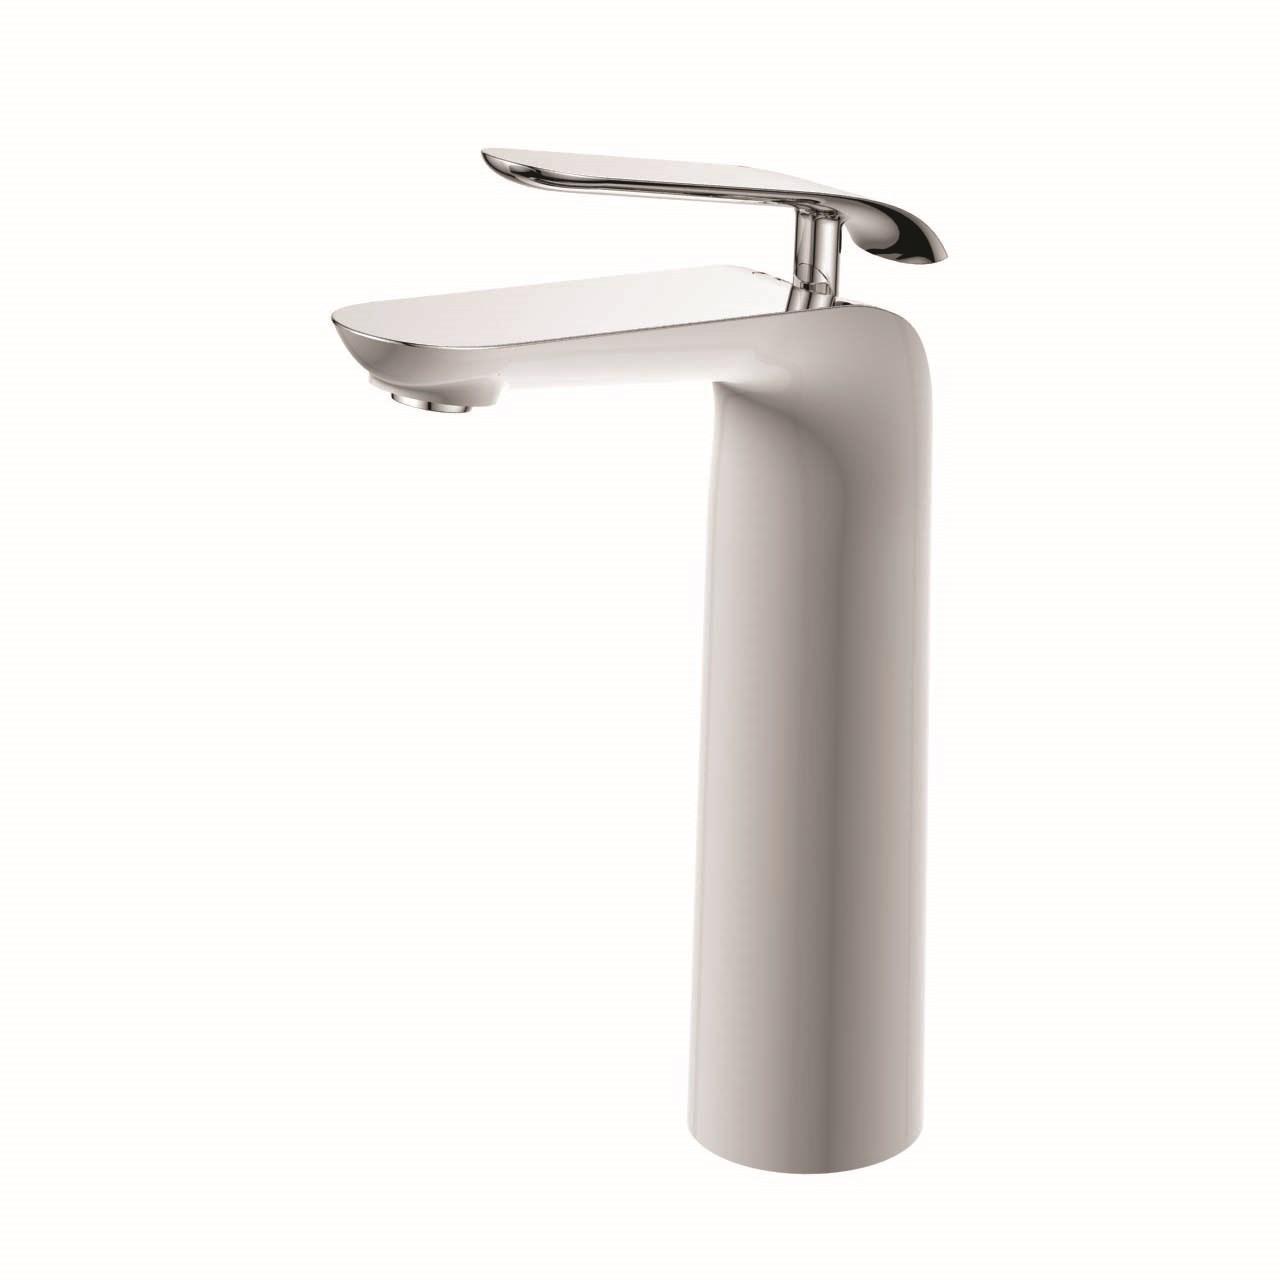 شیر روشویی پایه بلند ویسن تین مدل BIANCO  سفید کروم